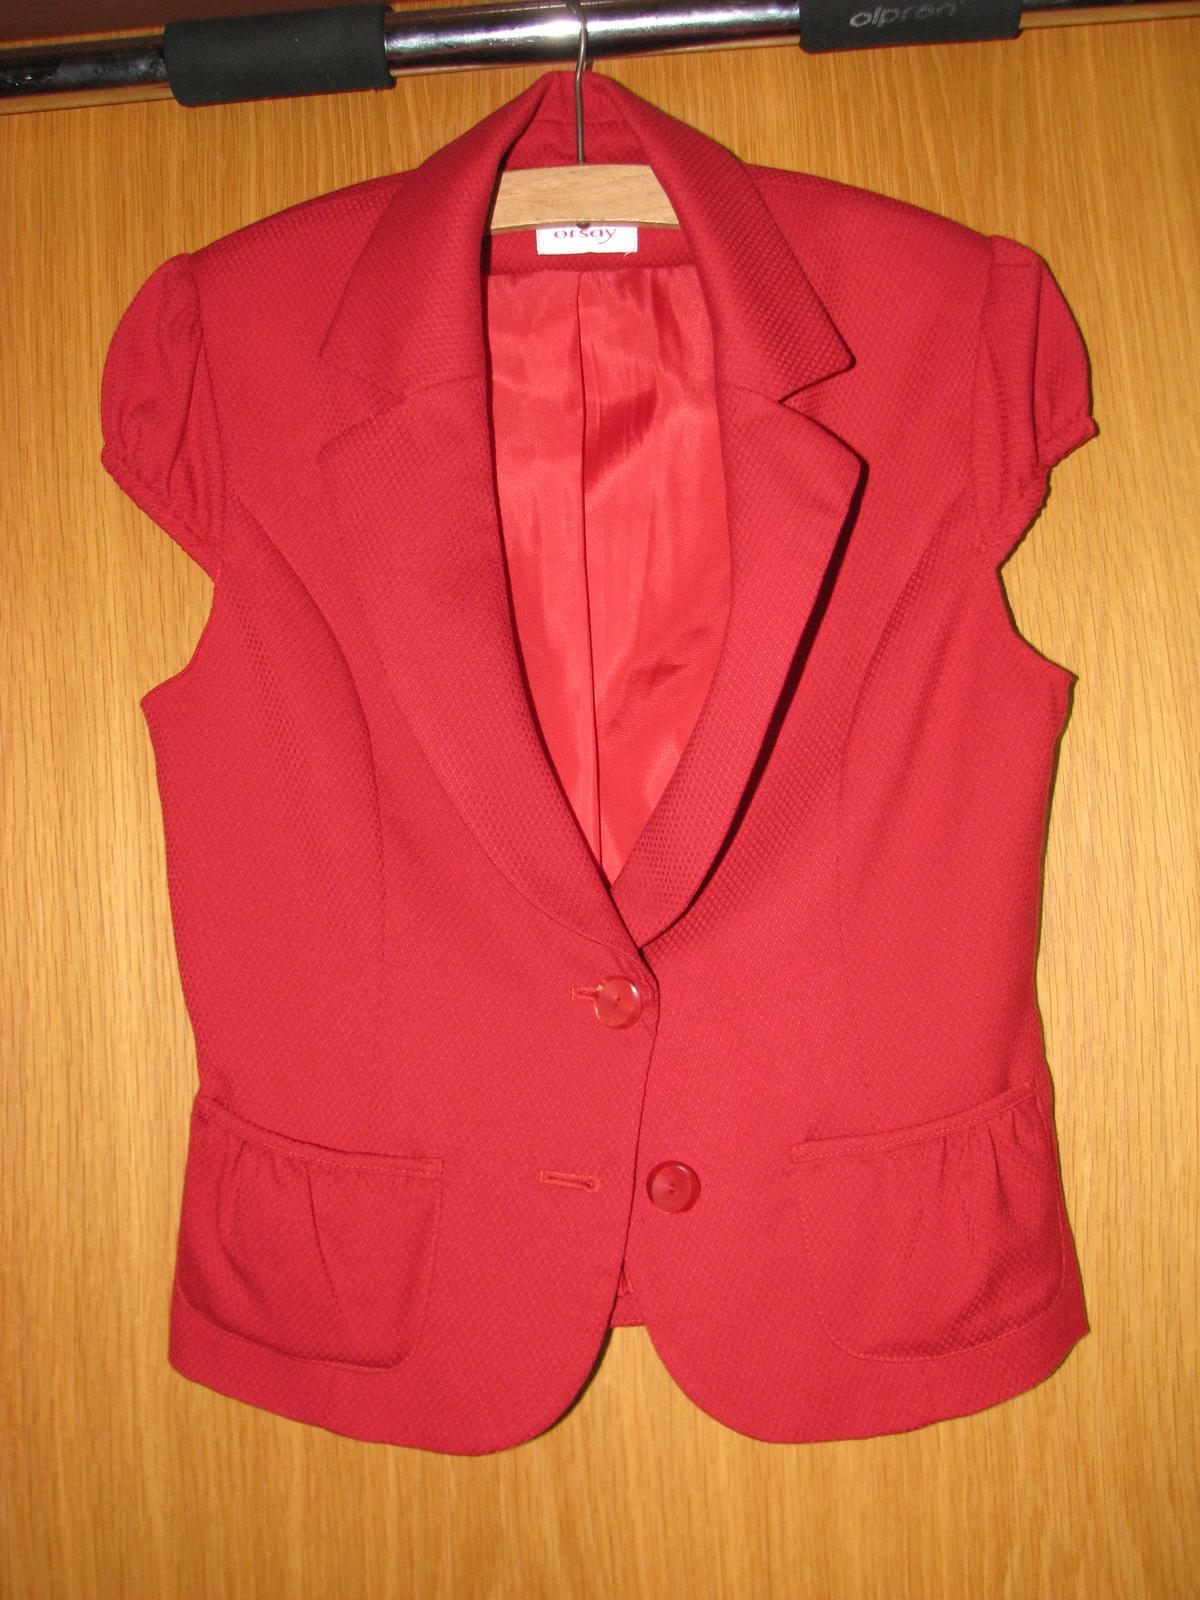 Červené sako s krátkými rukávy - Obrázek č. 1